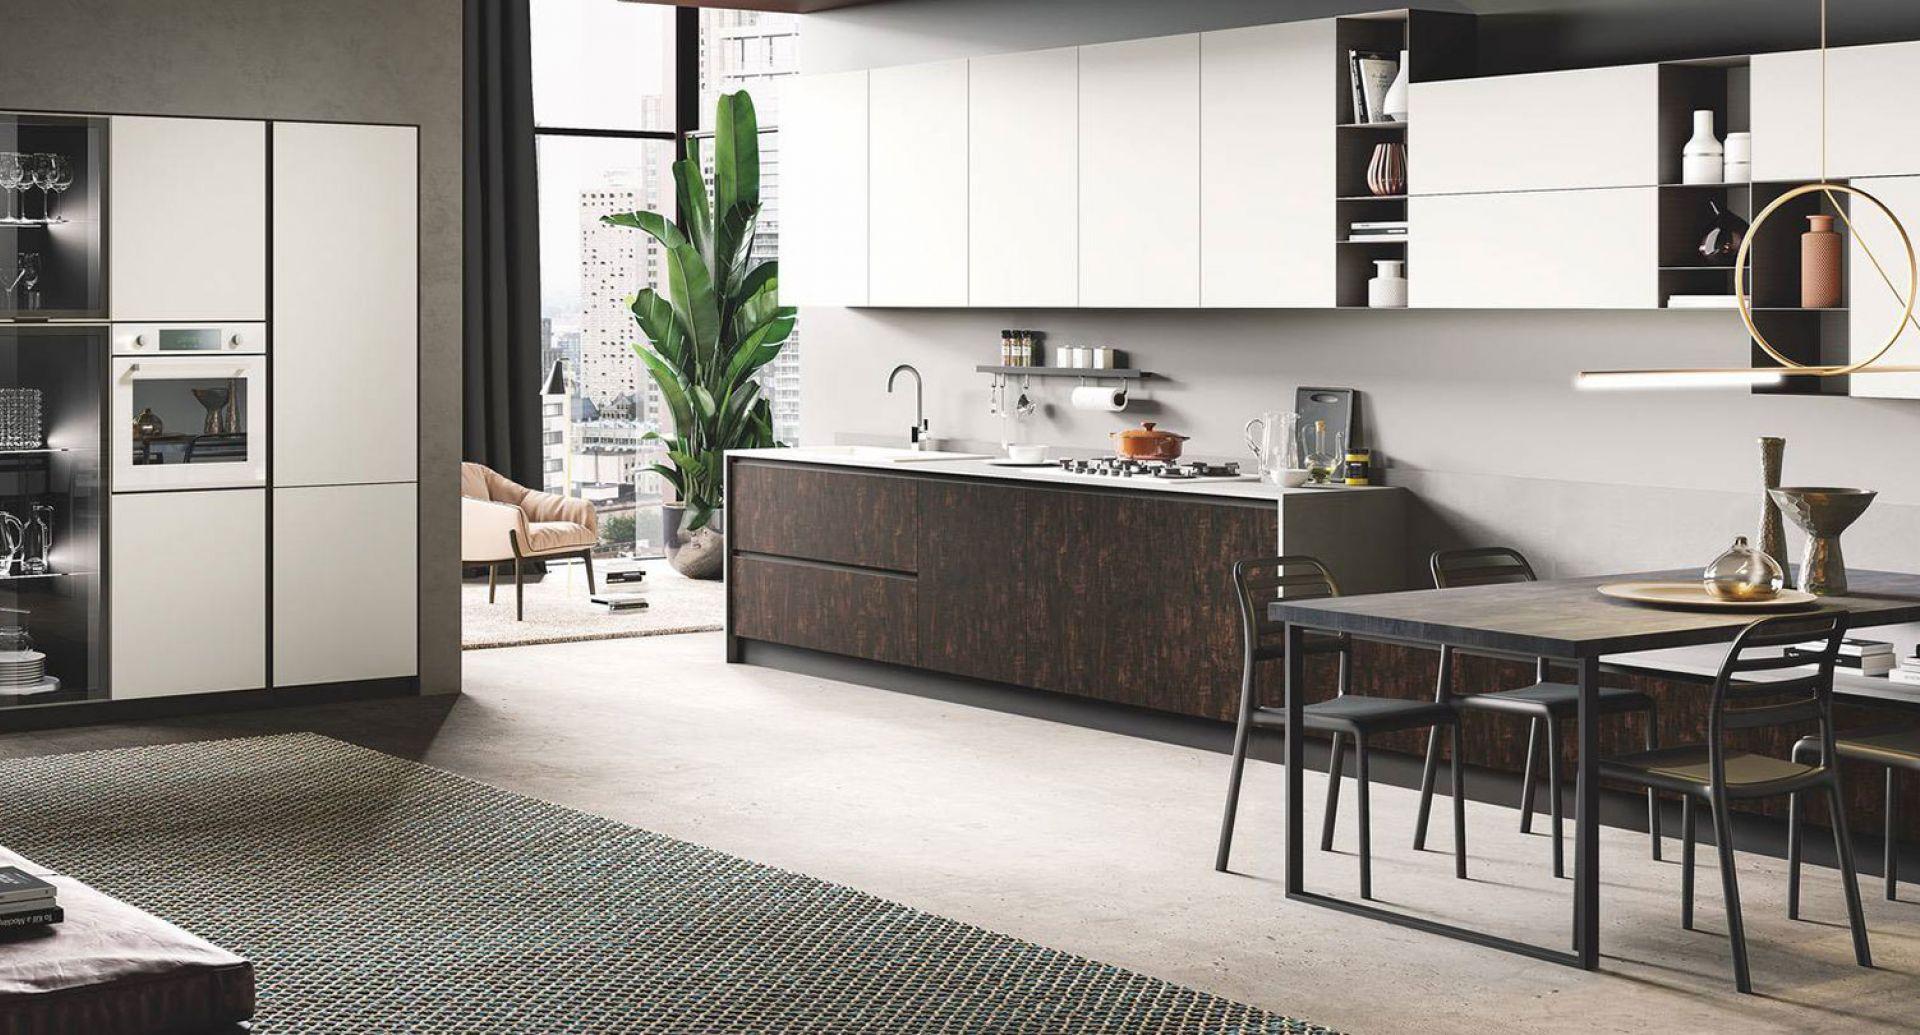 cucina moderna di design Star seta bianco opaco legno bruciato